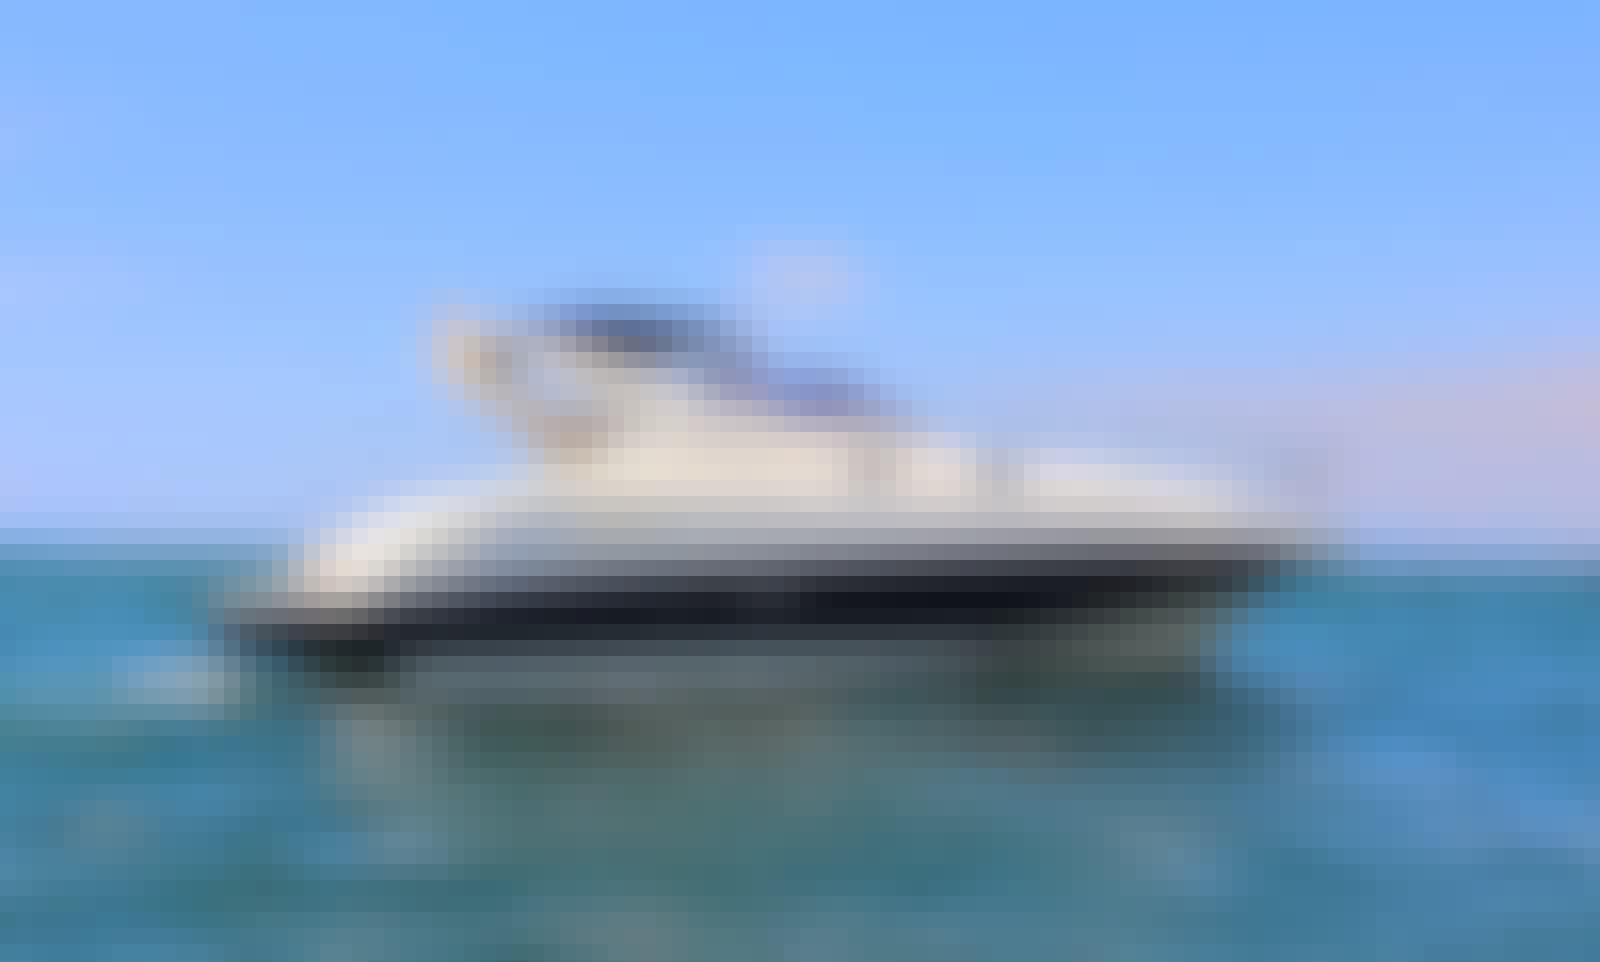 Captained 33' Salpa Laver Motor Yacht - Private Tour in Castellammare di Stabia, Campania!